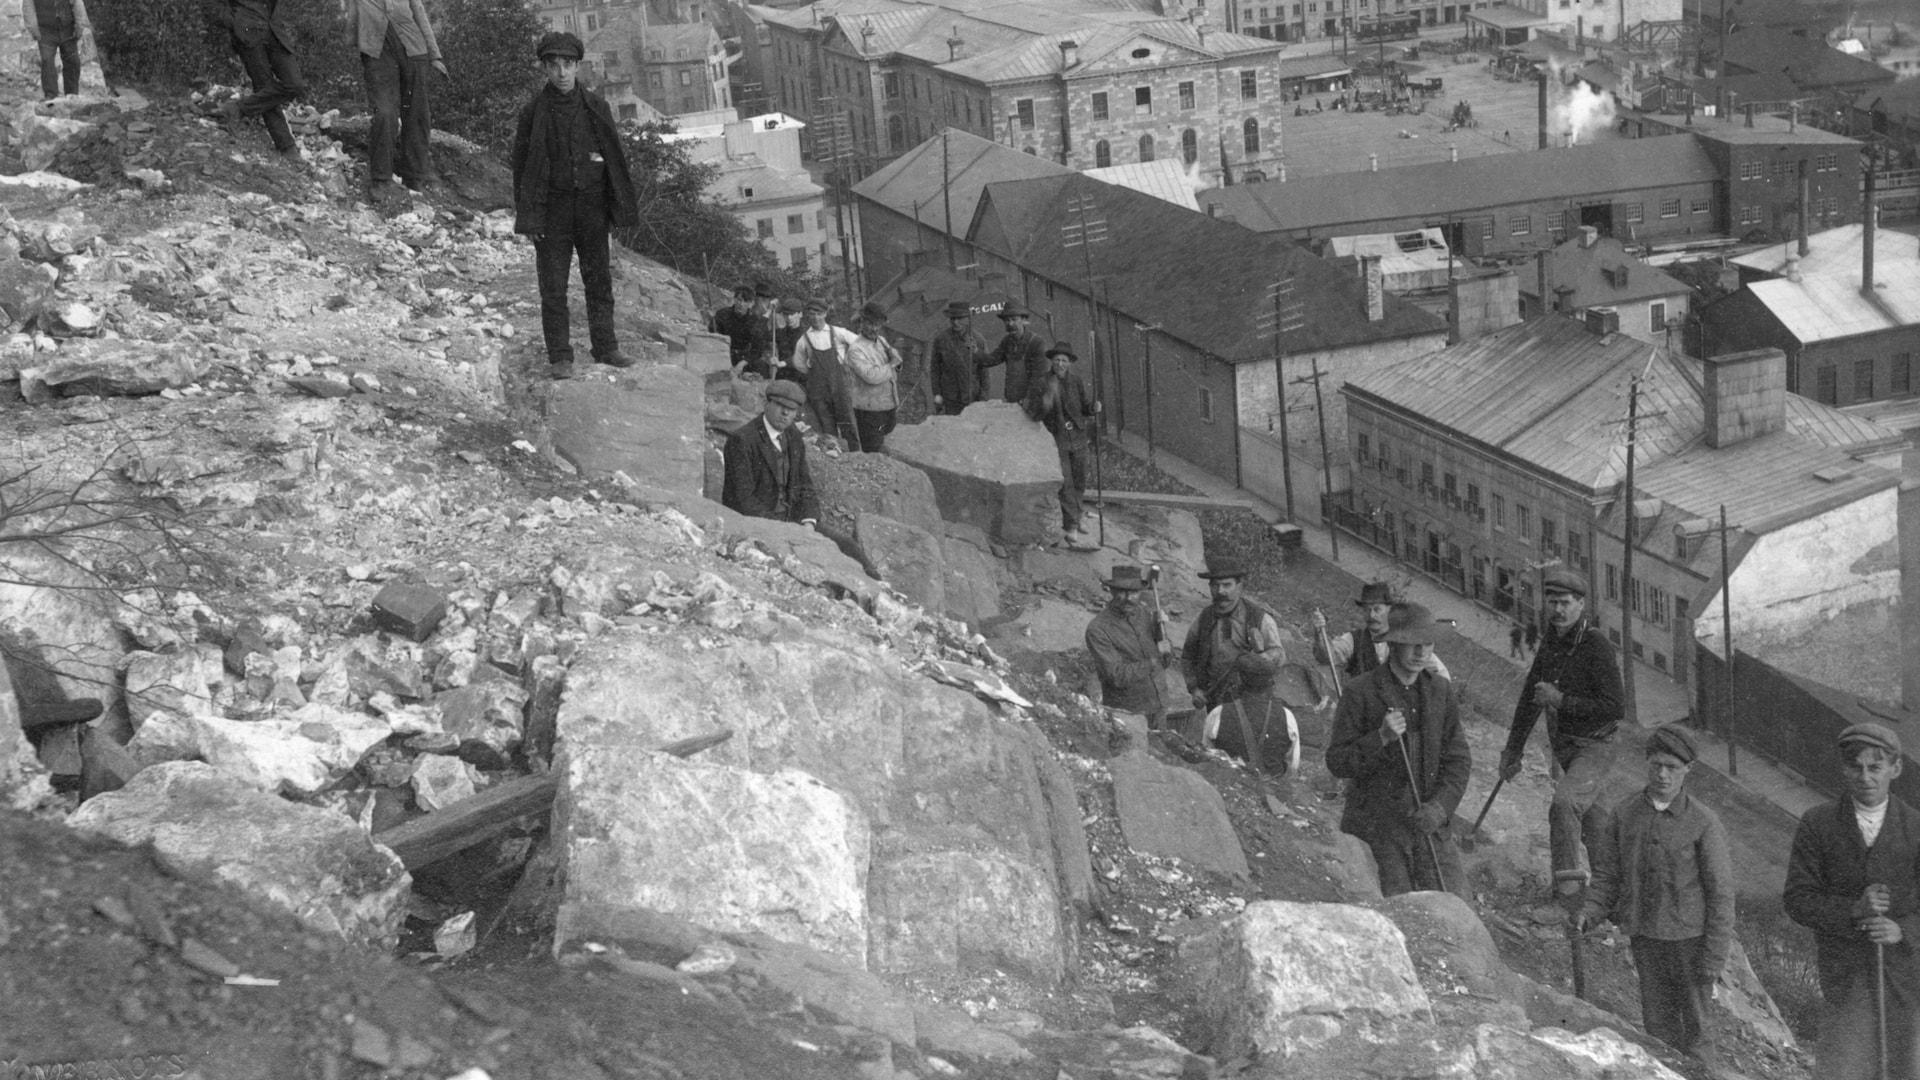 Des hommes et des adolescents triment dur à remblayer le haut de la falaise du Cap-Blanc, qui a été touché par plusieurs éboulements jusqu'en 1905, armés de pelles, ils prennent un instant de repos pour fixer le photographe. On voit l'ancien marché Champlain et une partie de la basse-ville en bas.